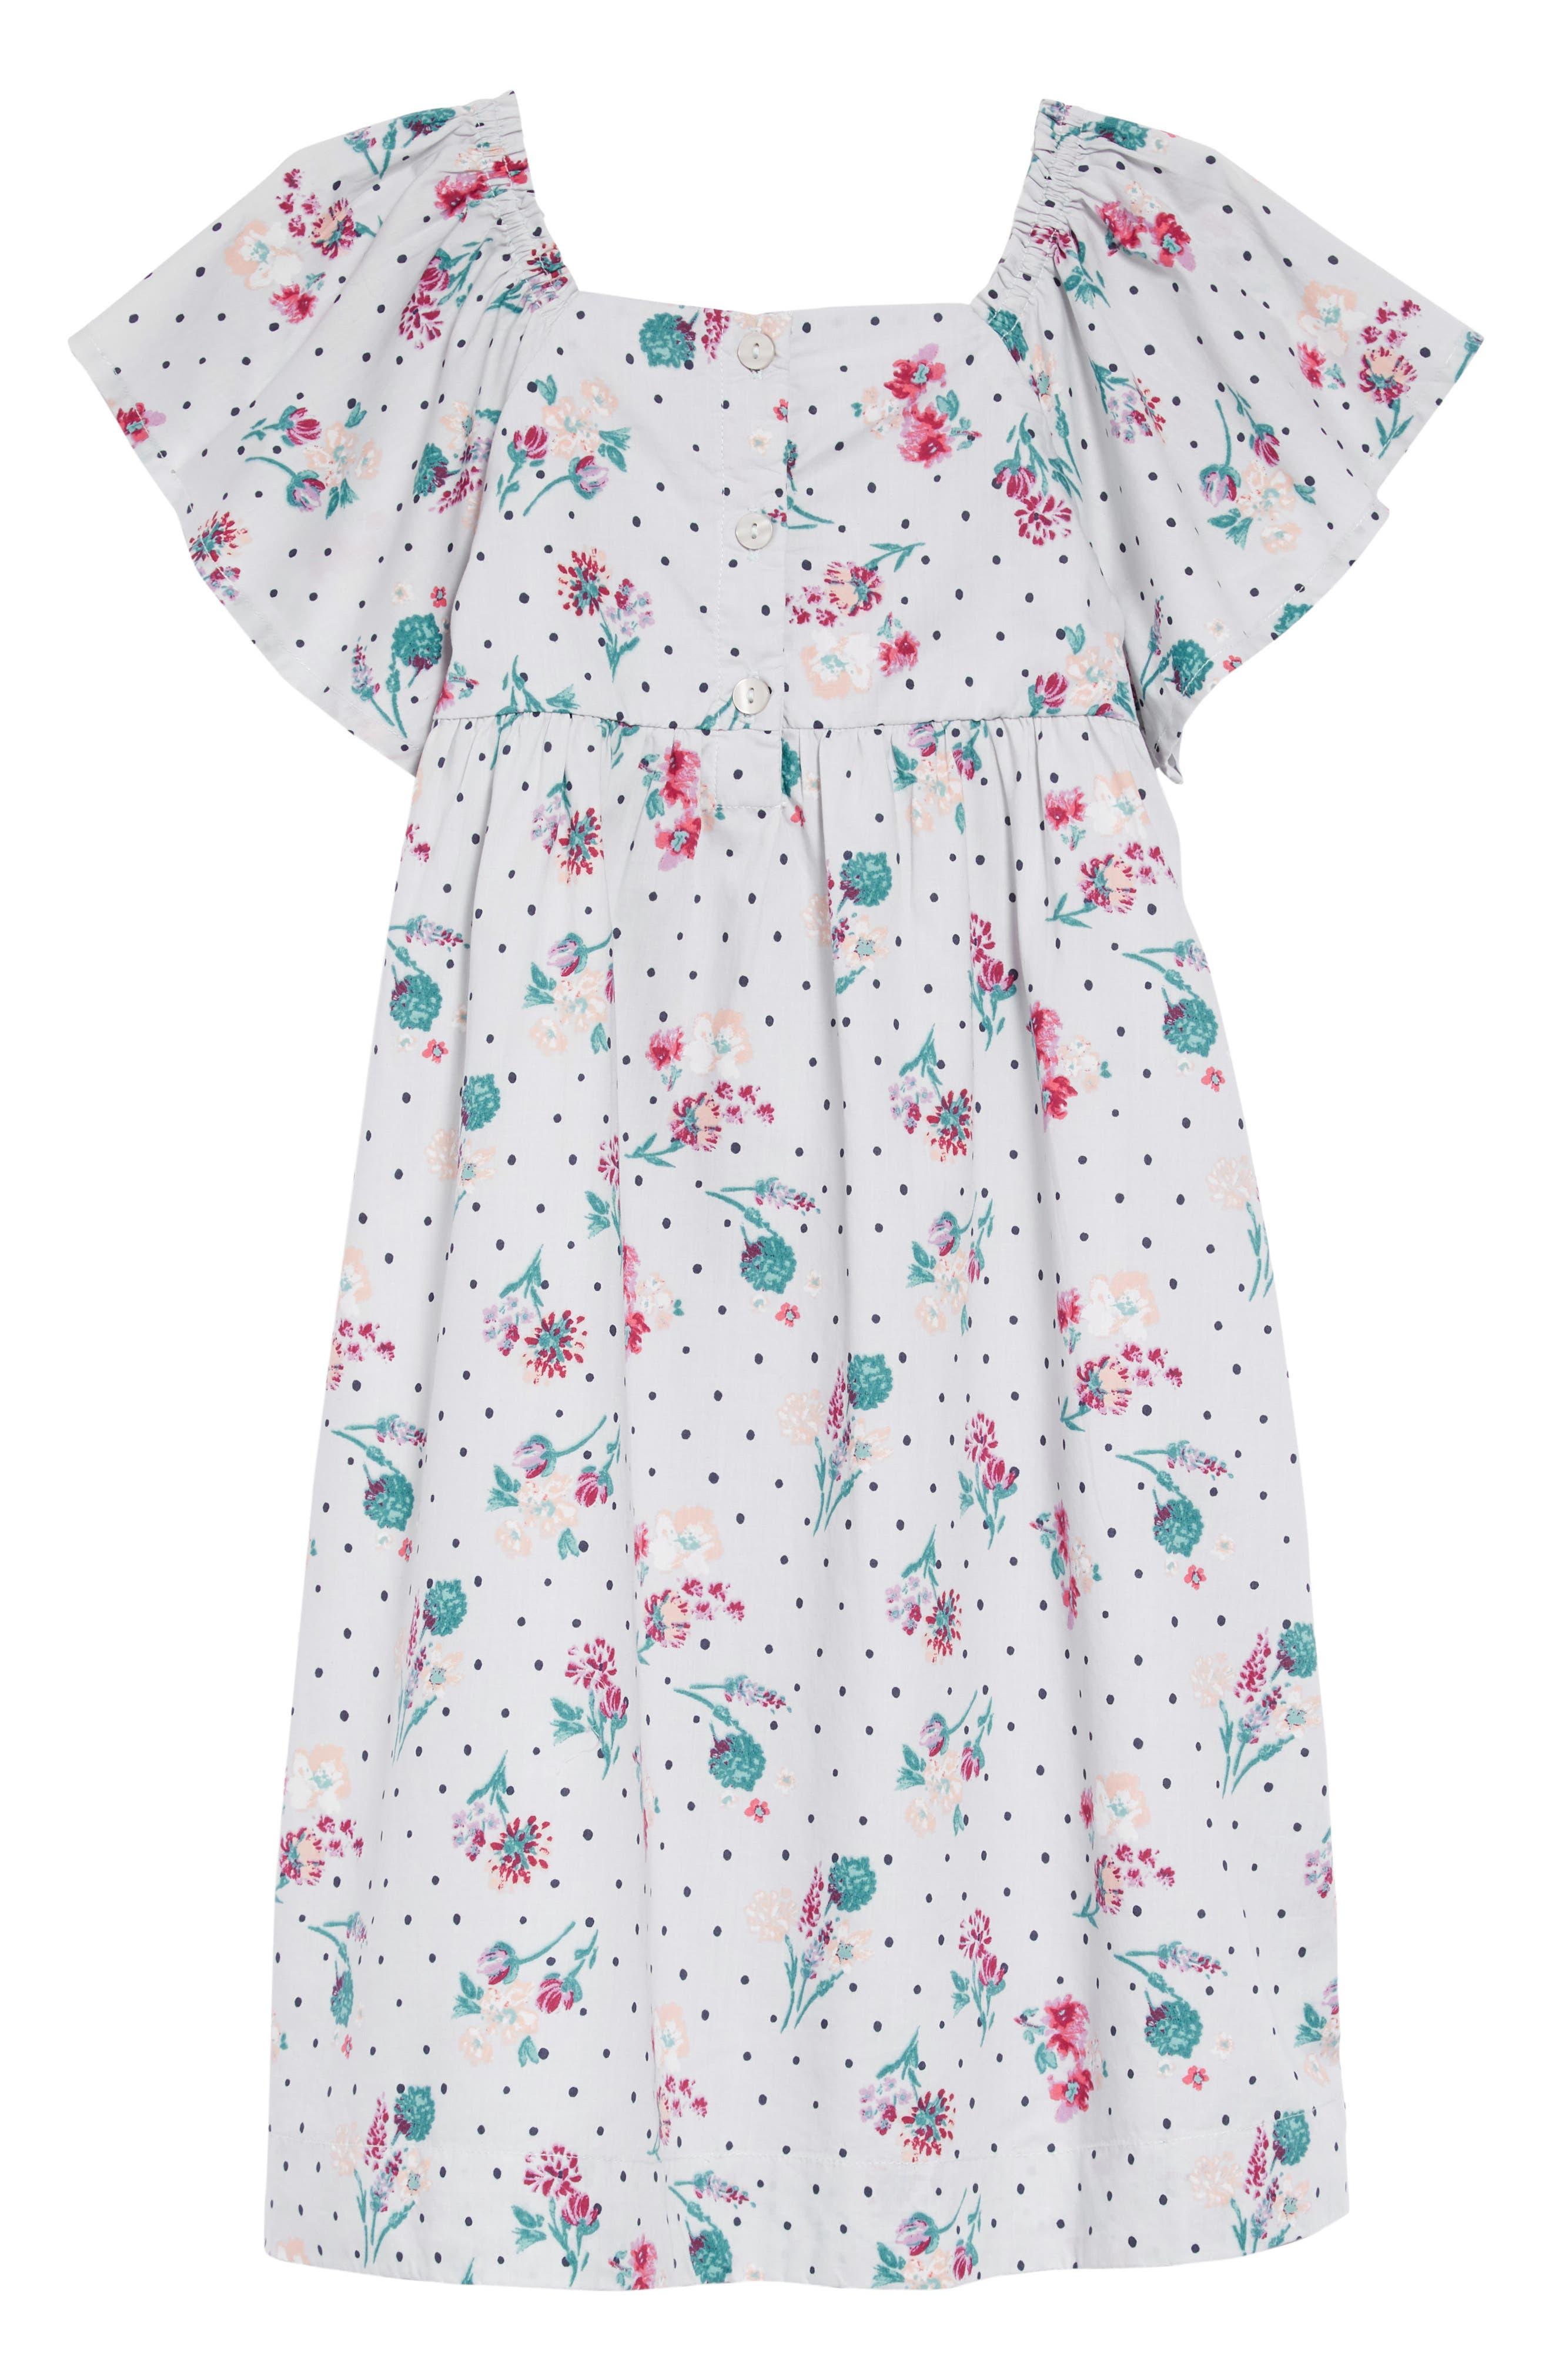 Floral Smock Dress,                             Alternate thumbnail 2, color,                             GREY VIOLET BOTANICAL GARDEN